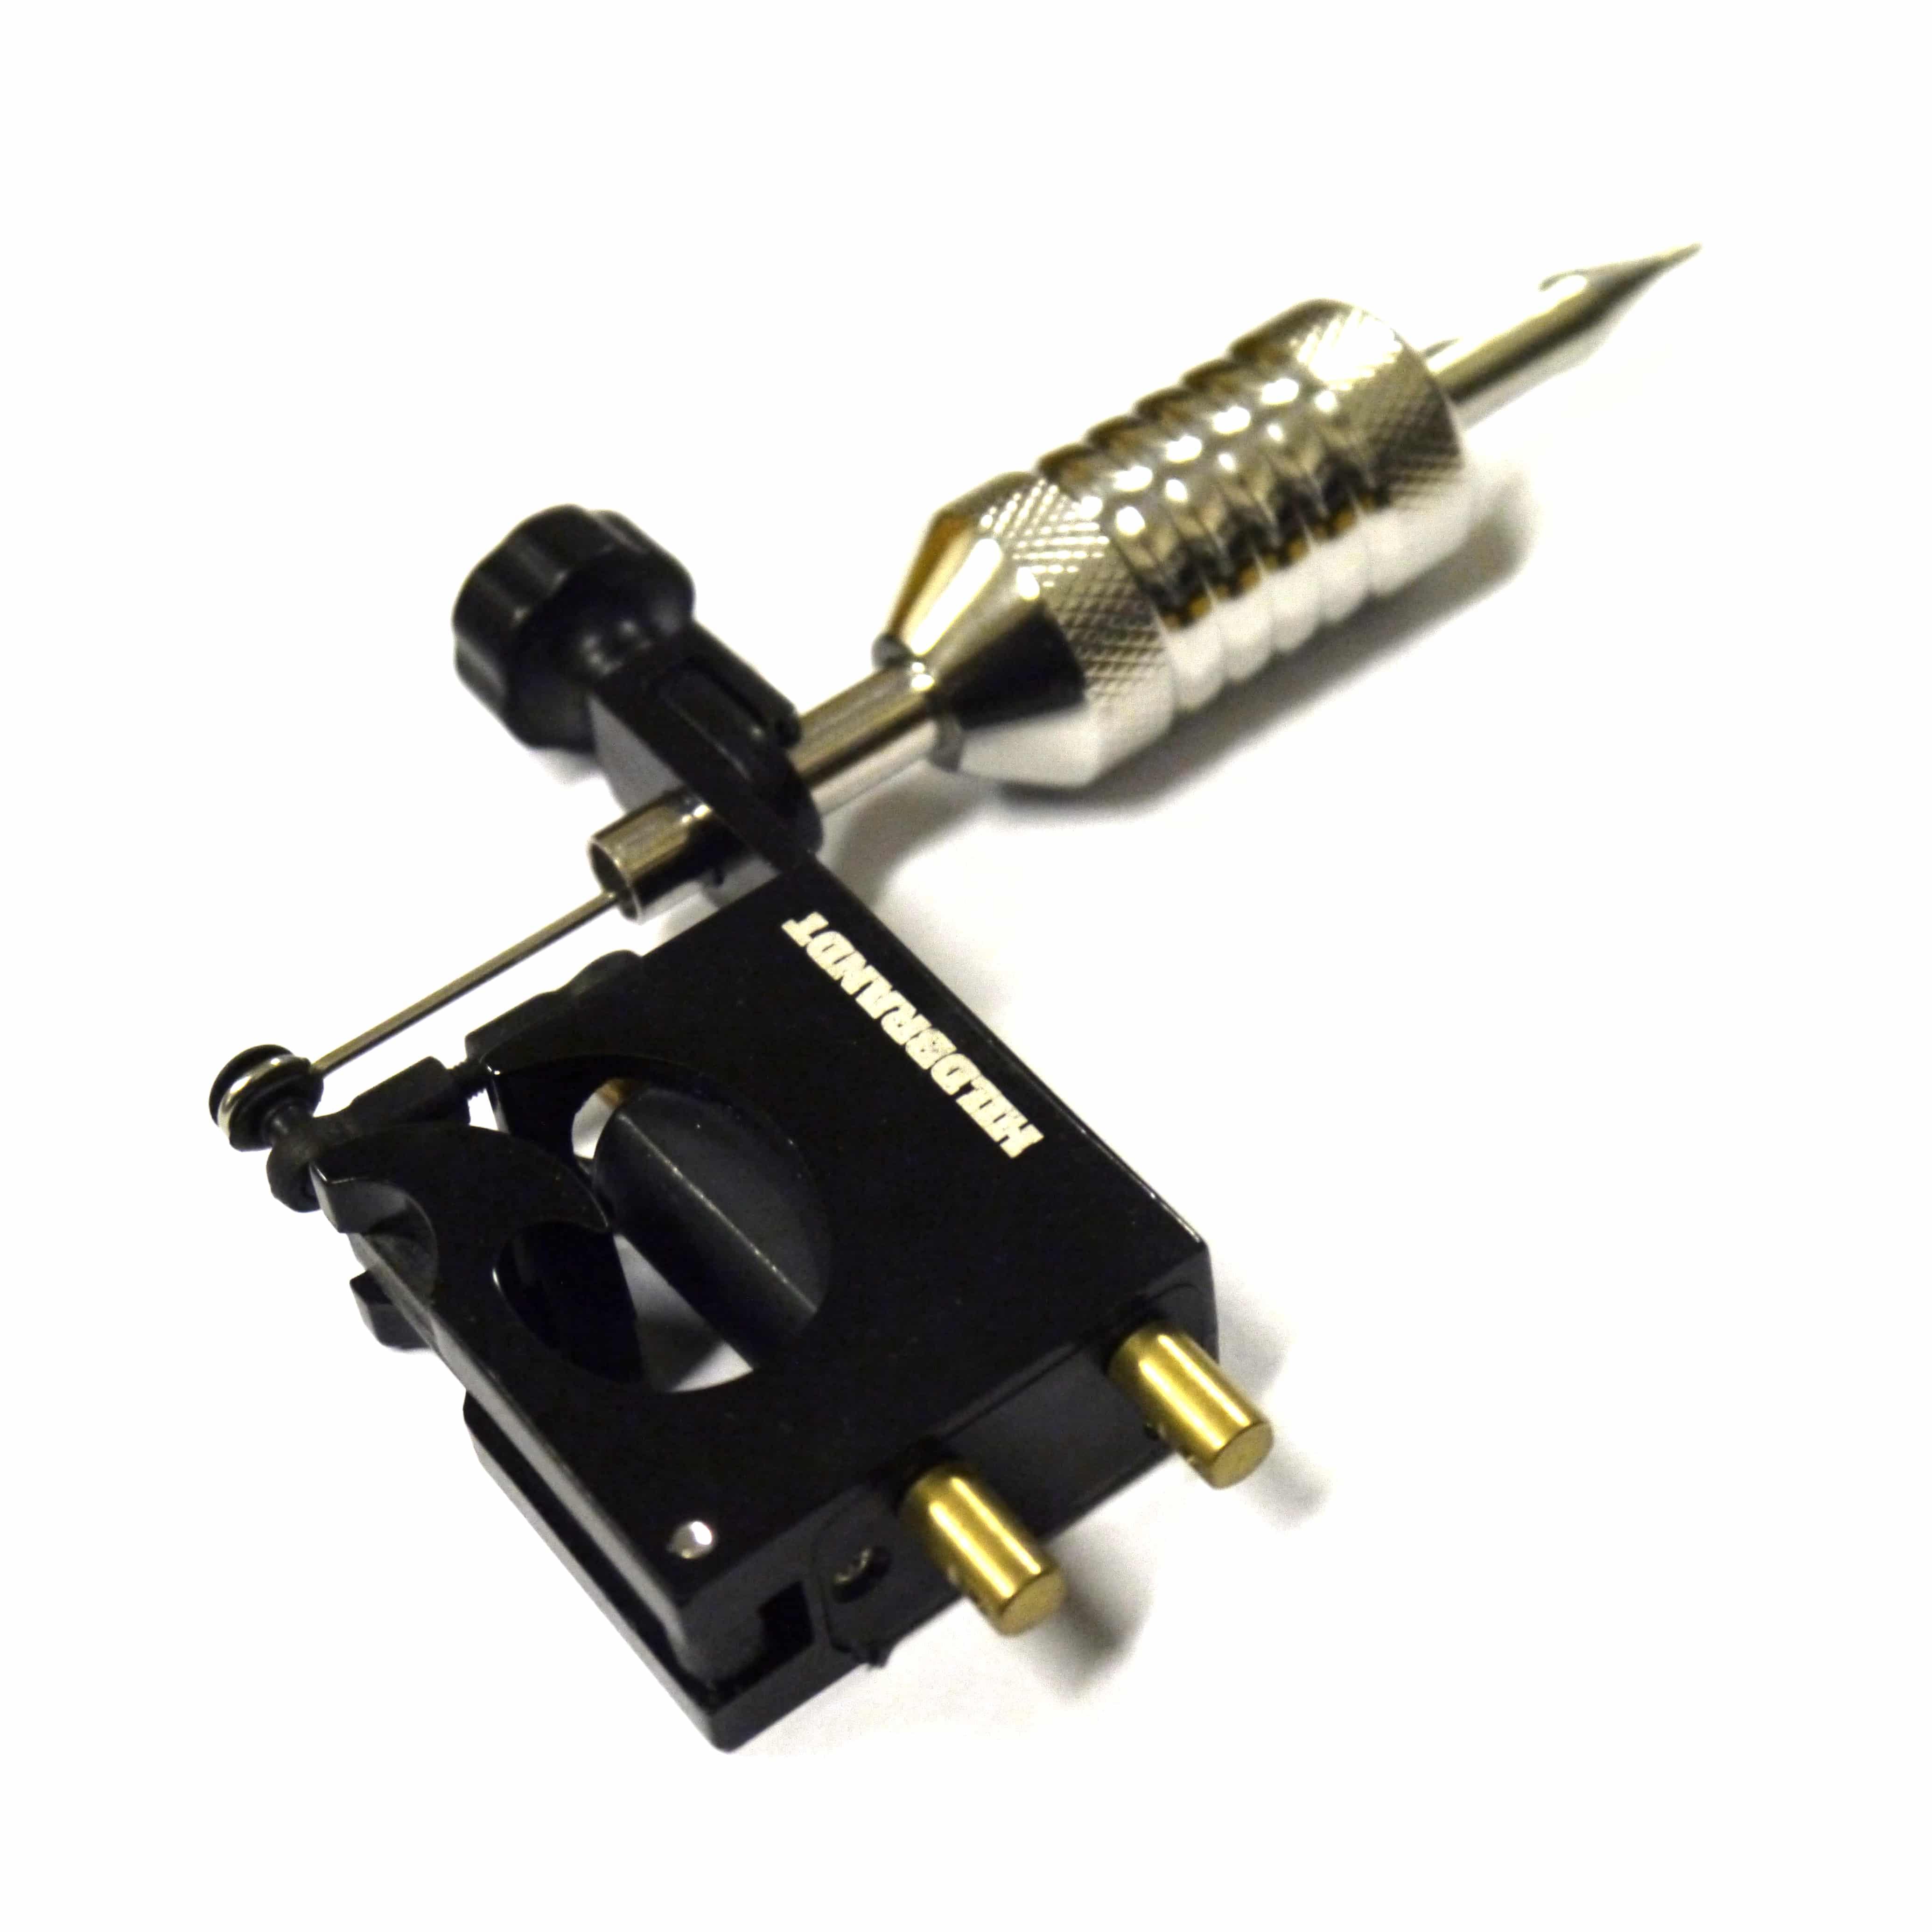 Rotary tattoo gun